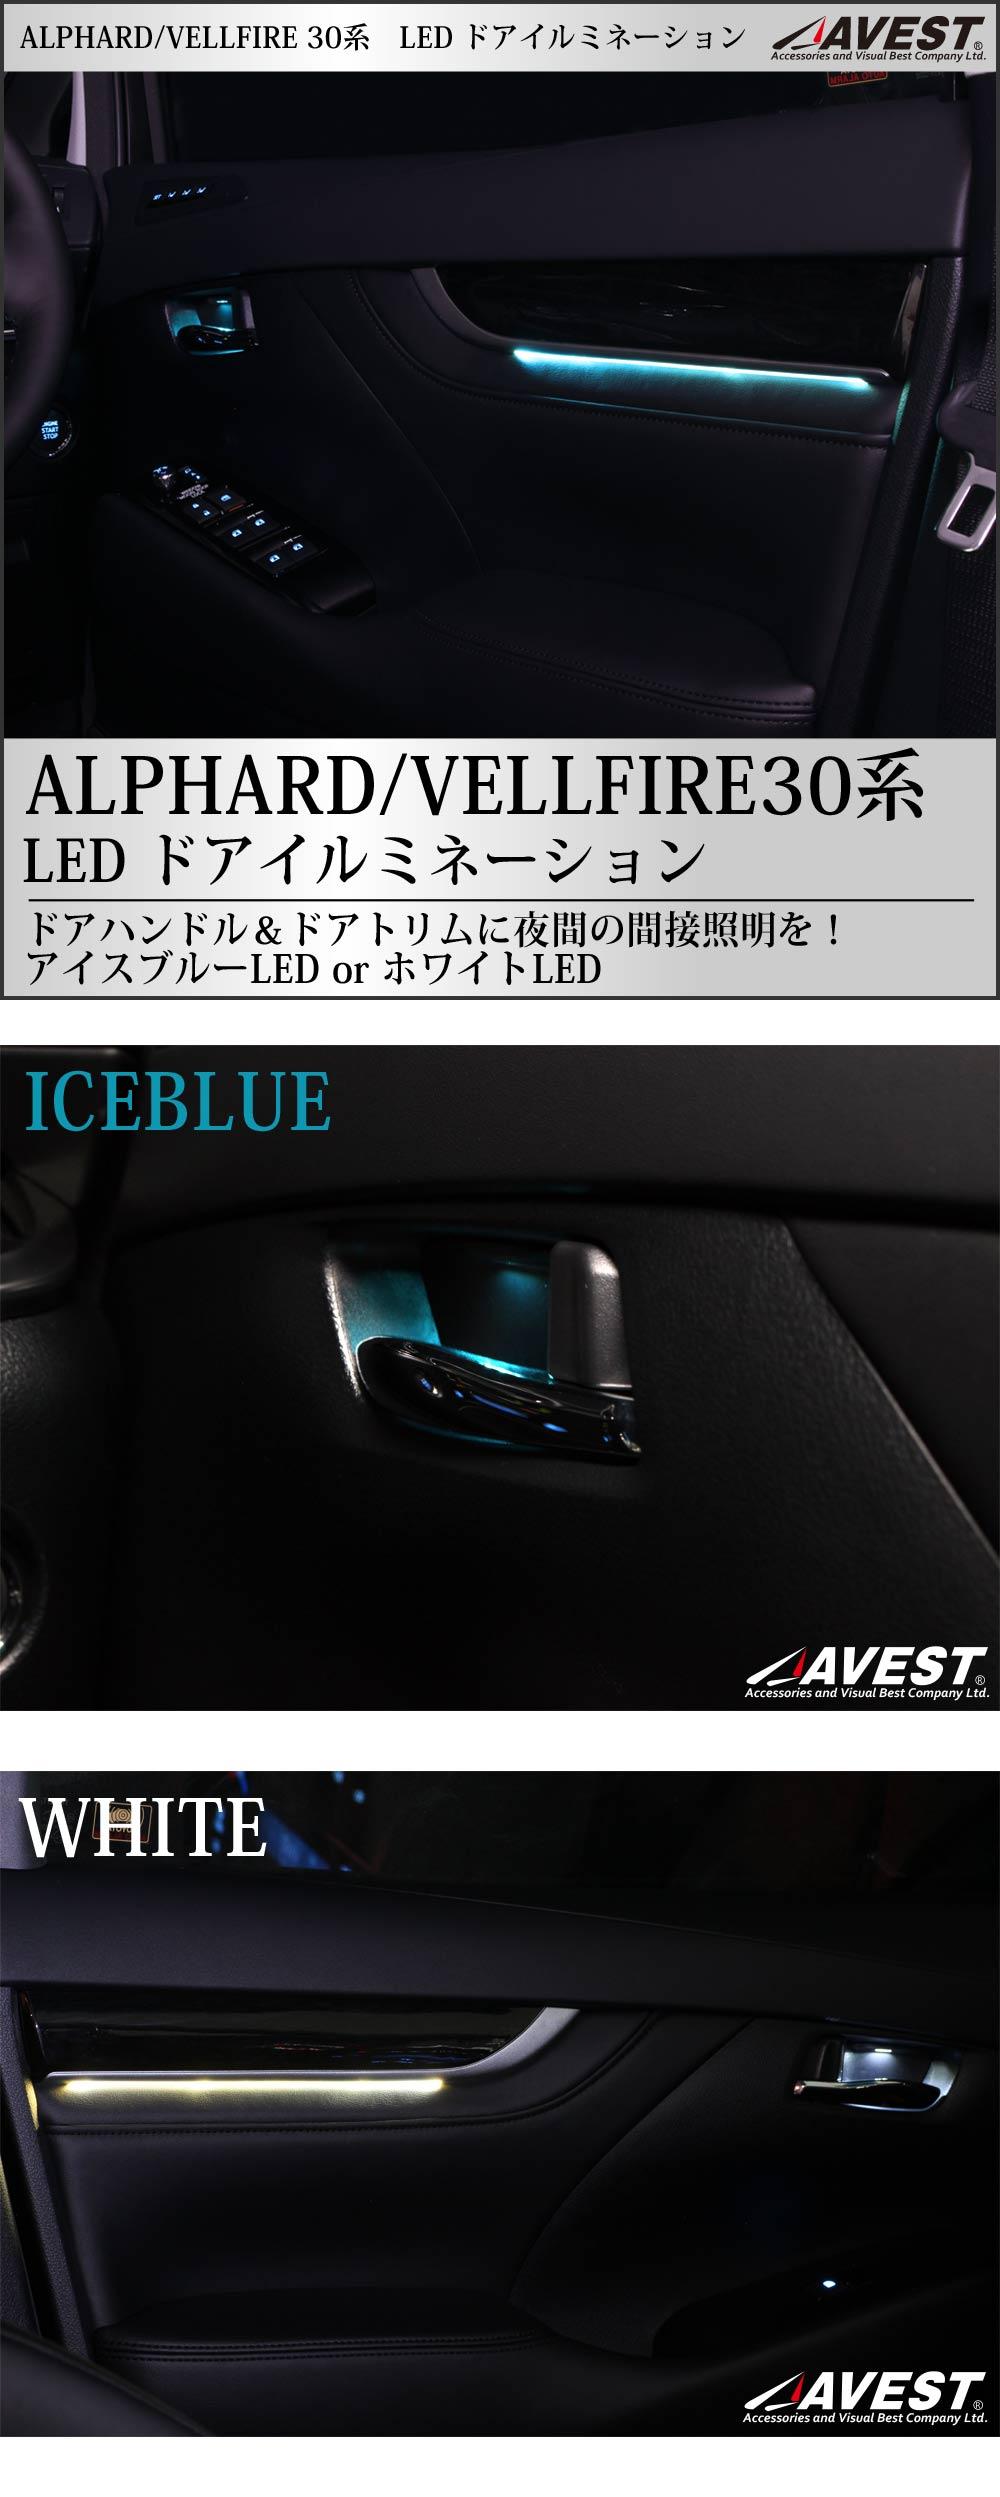 ヴェルファイア/アルファード30系シフトゲートイルミネーション